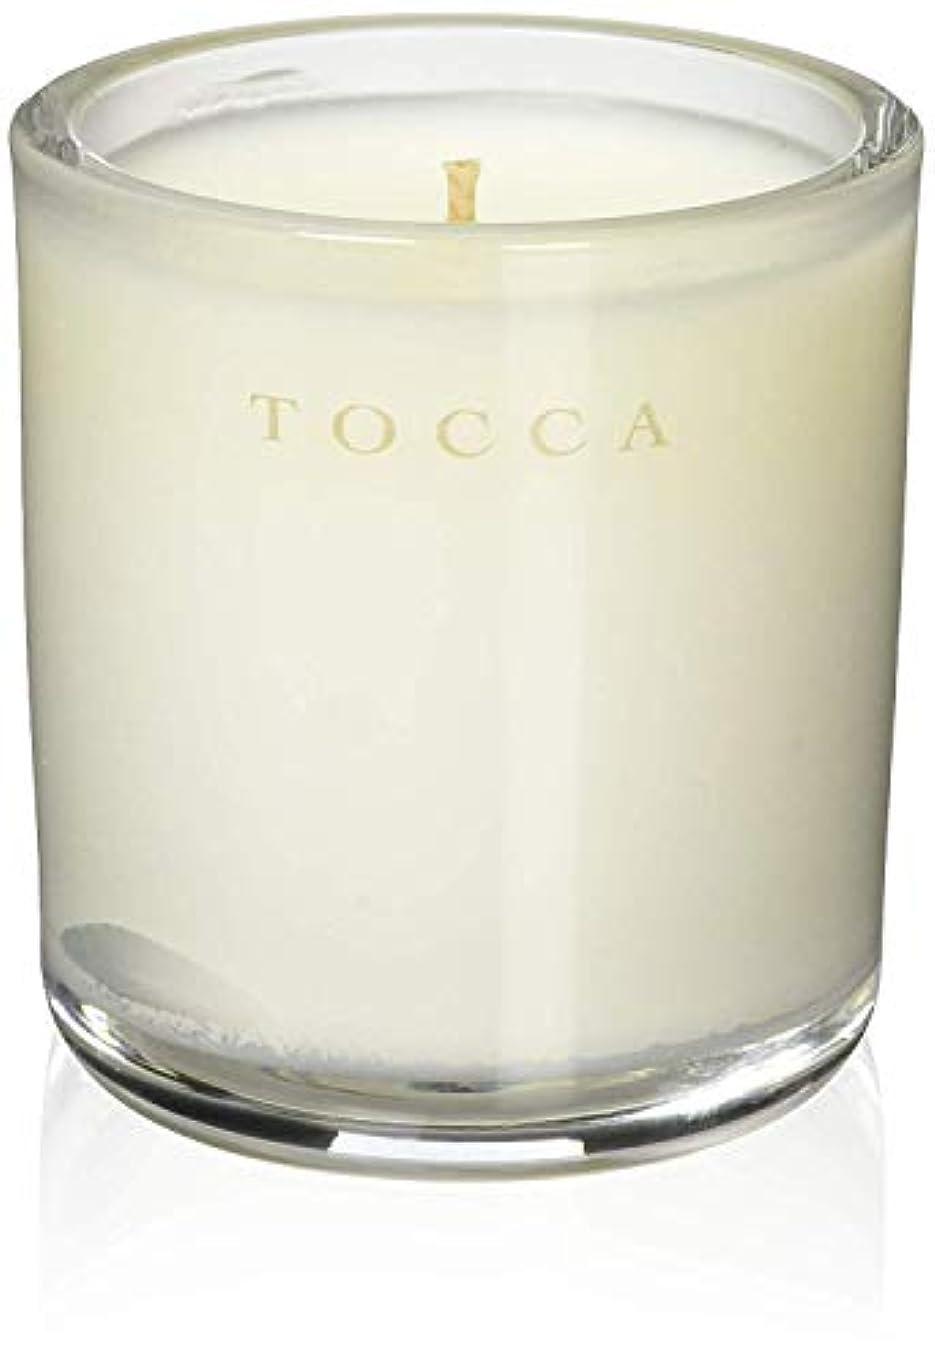 TOCCA(トッカ) ボヤージュ キャンデリーナ モントーク 85g (ろうそく 芳香 キューカンバーの爽やかな香り)